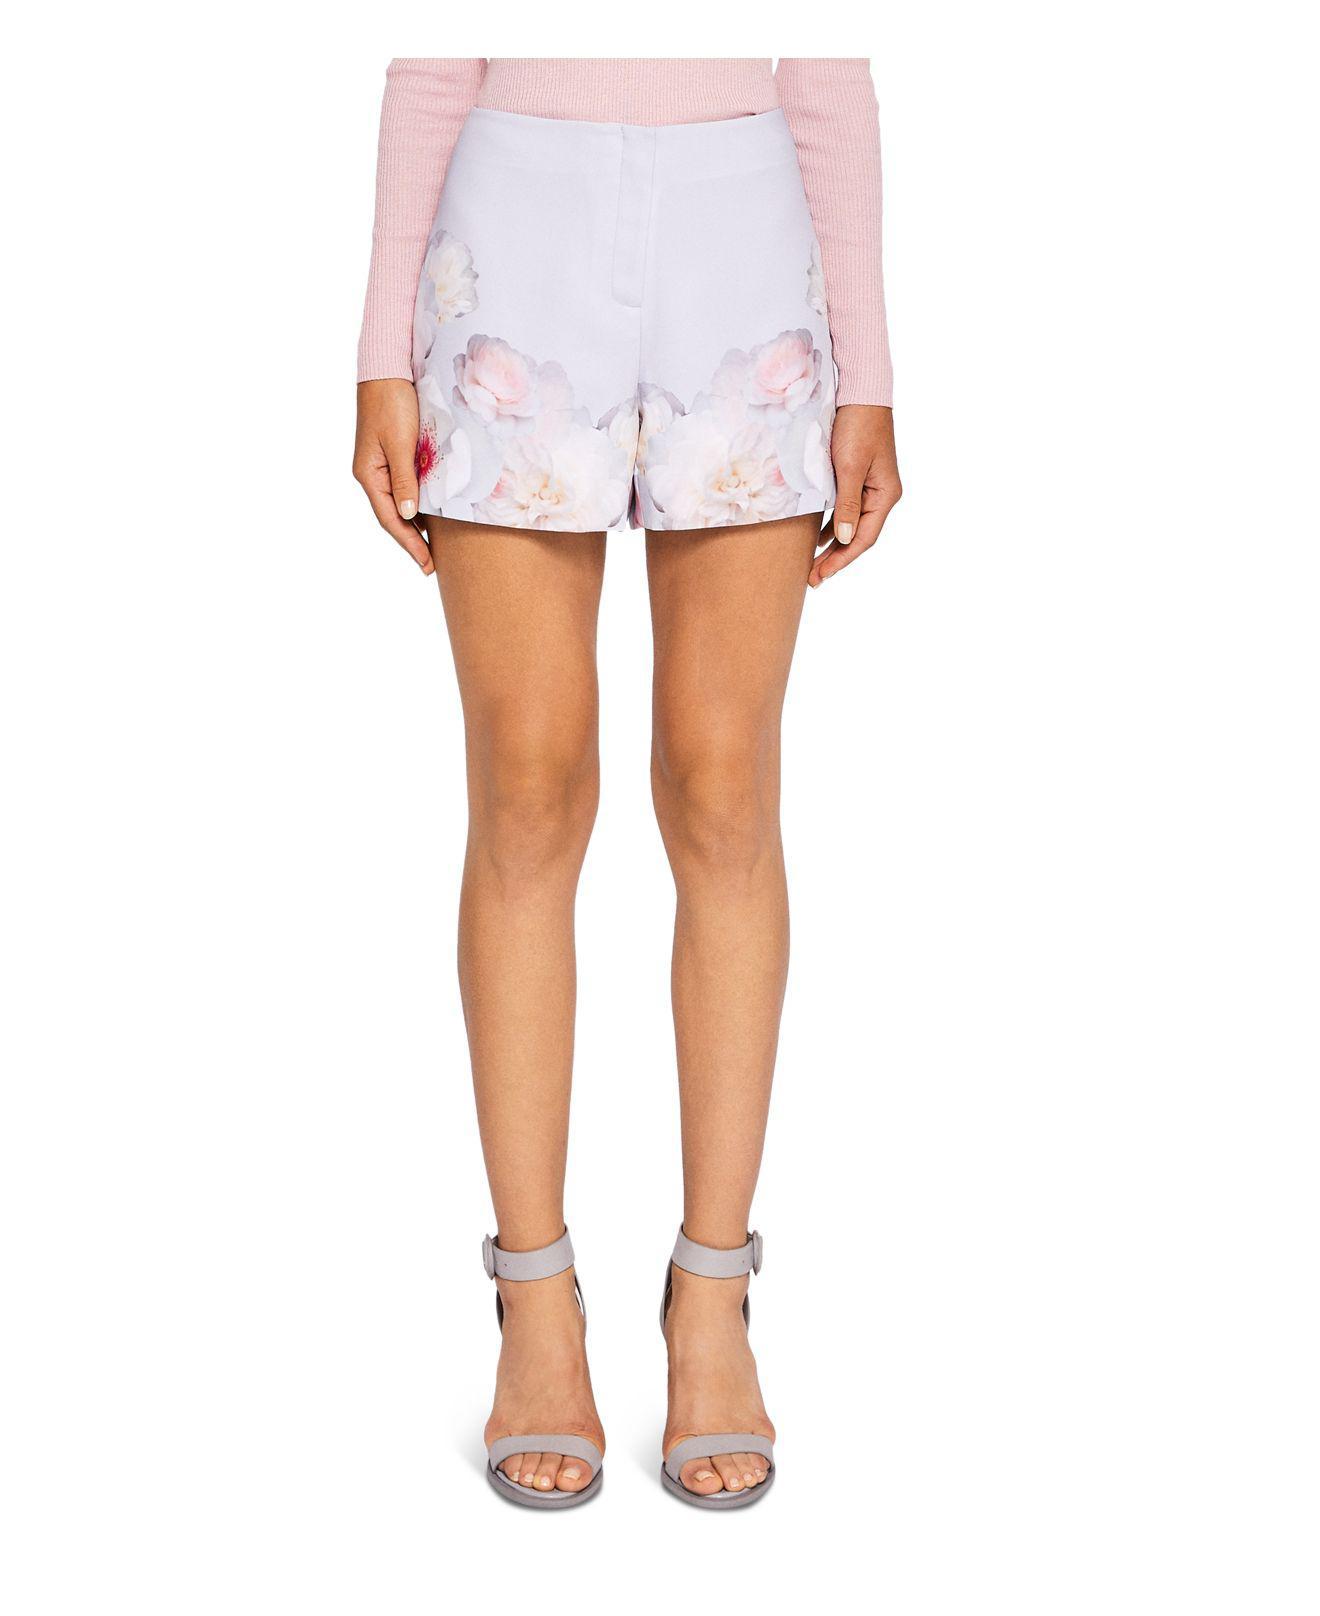 08891e141 Lyst - Ted Baker Kellila Chelsea Flower Printed Shorts in Gray